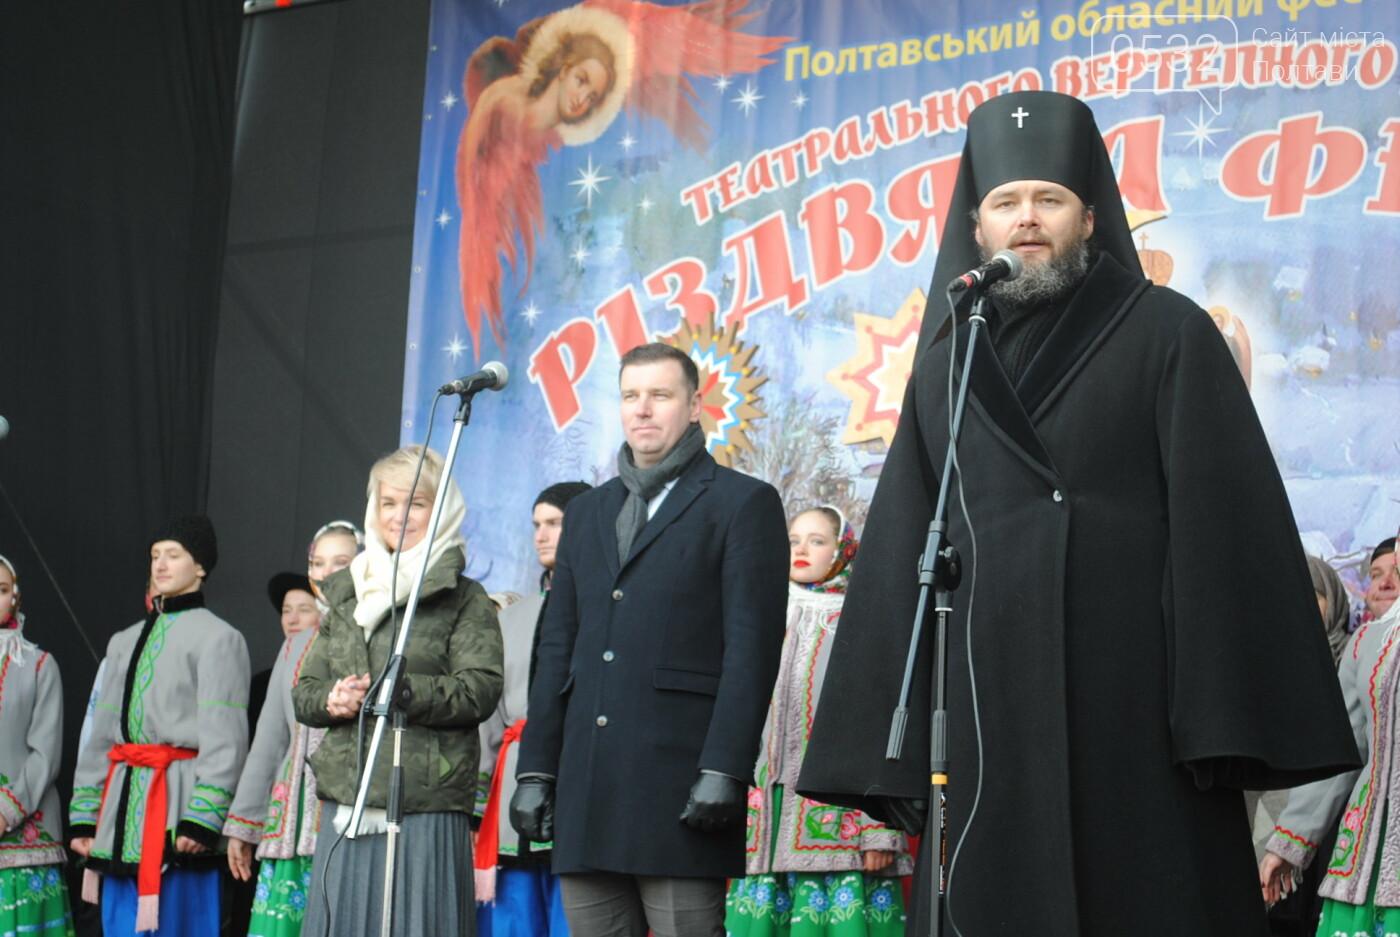 У Полтаві розгорнулося вертепне дійство з колядками та щедрівками «Різдвяна феєрія» (ФОТО), фото-31